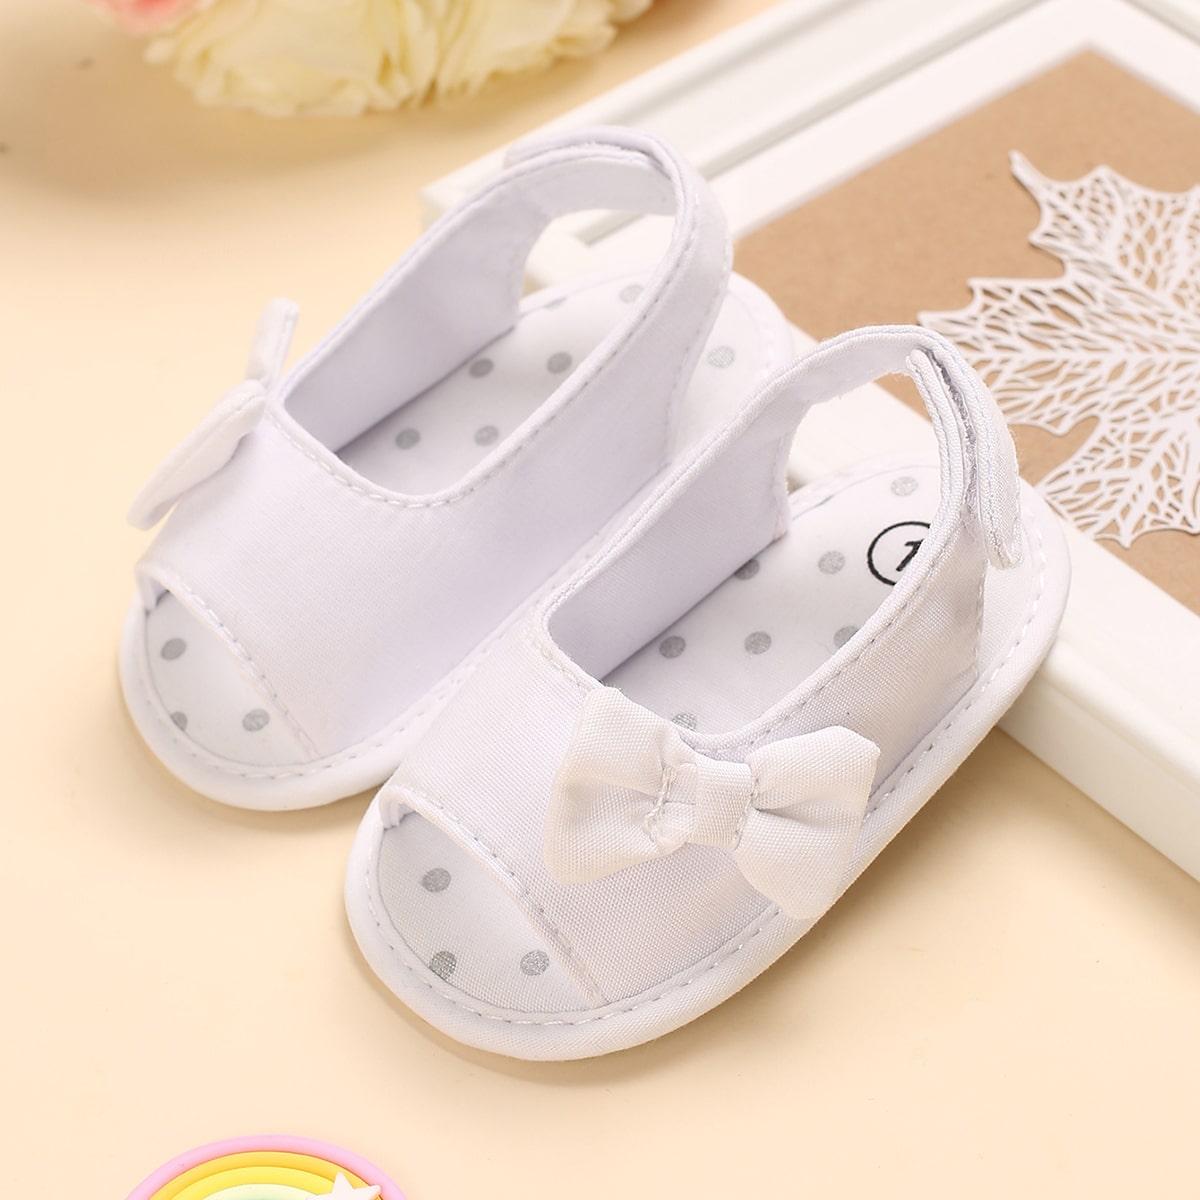 Детские минималистичные сандалии с бантом SheIn sk2108106806311313